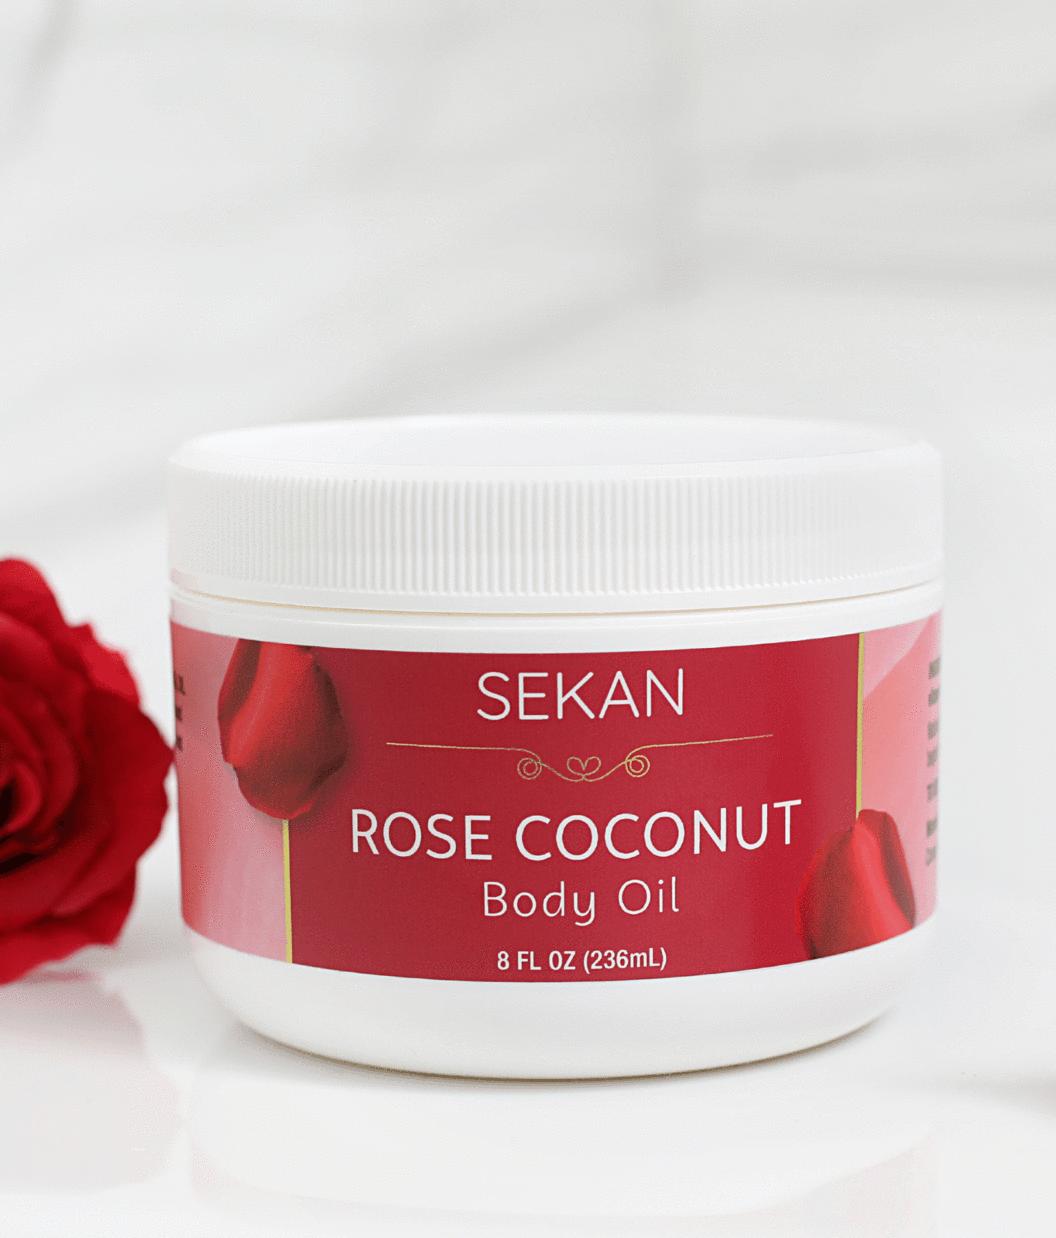 rose coconut body oil